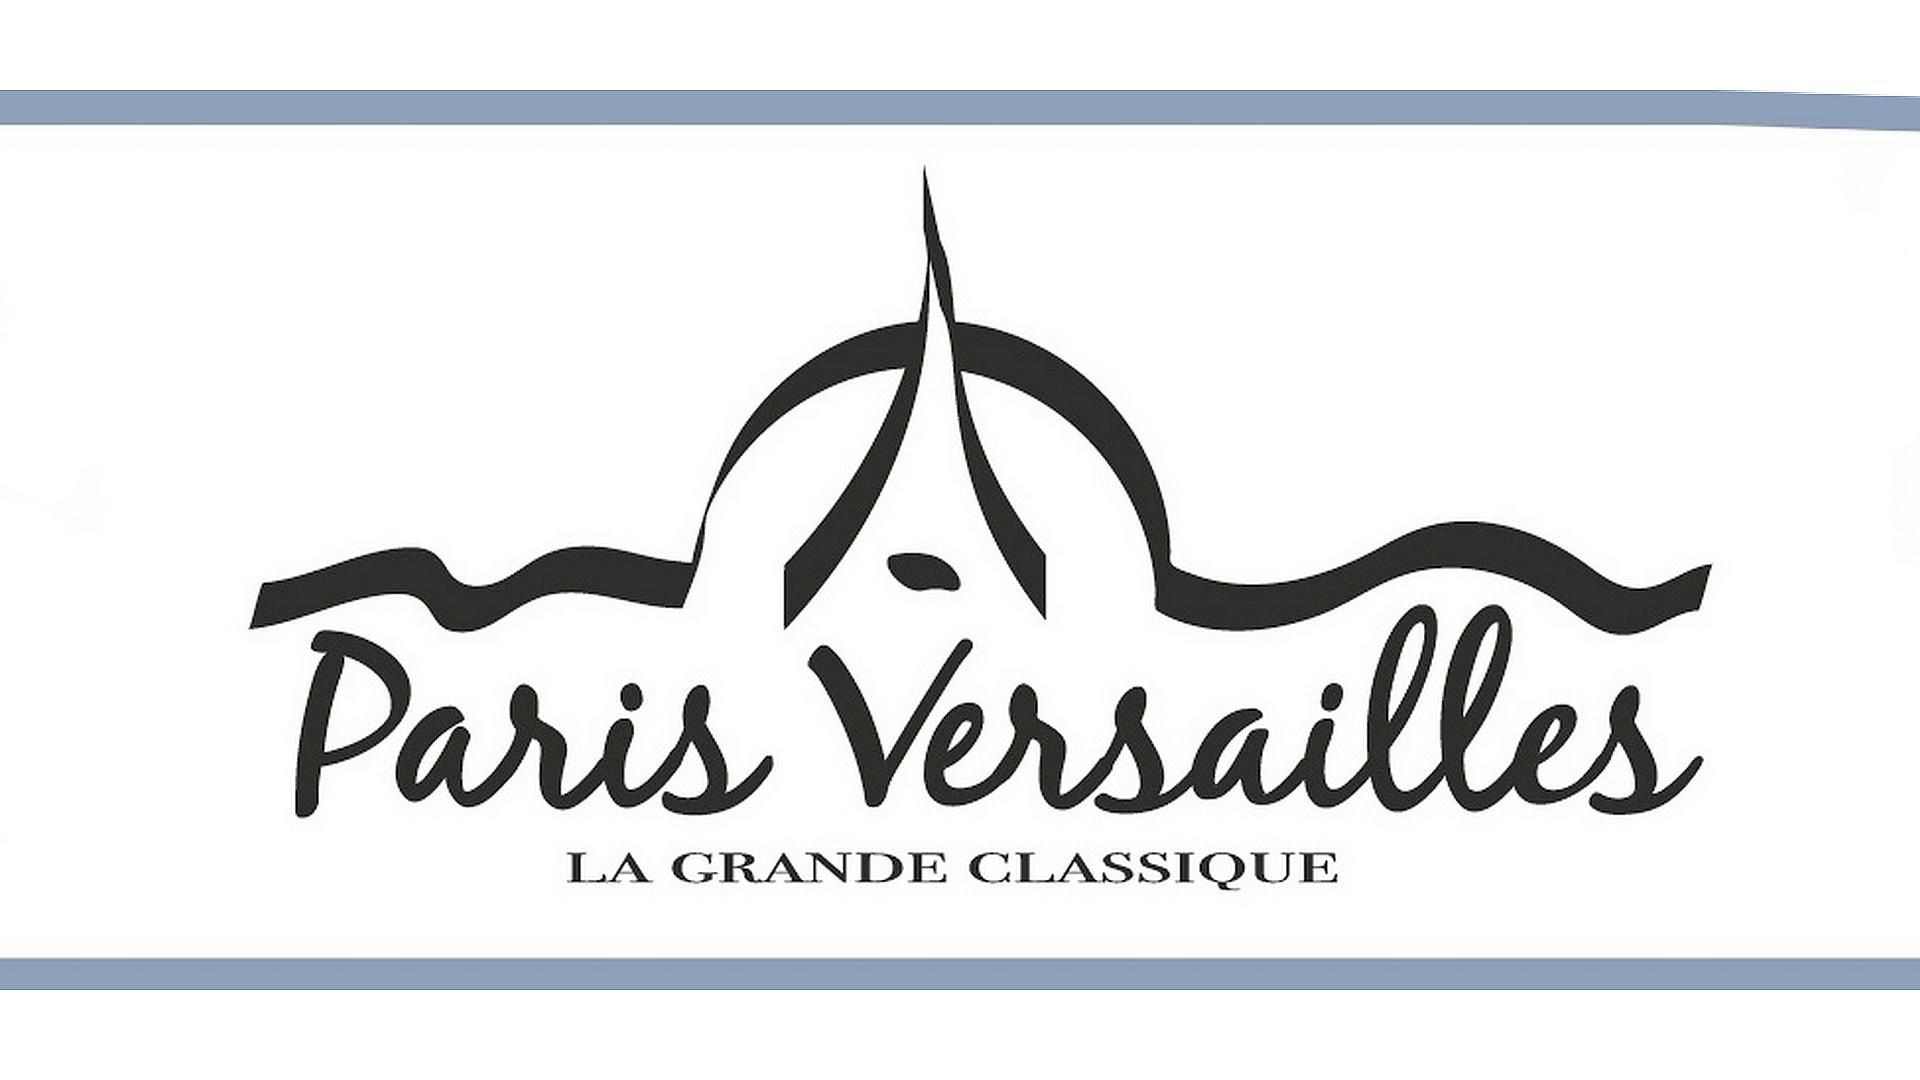 Paris Versailles (1) Logo